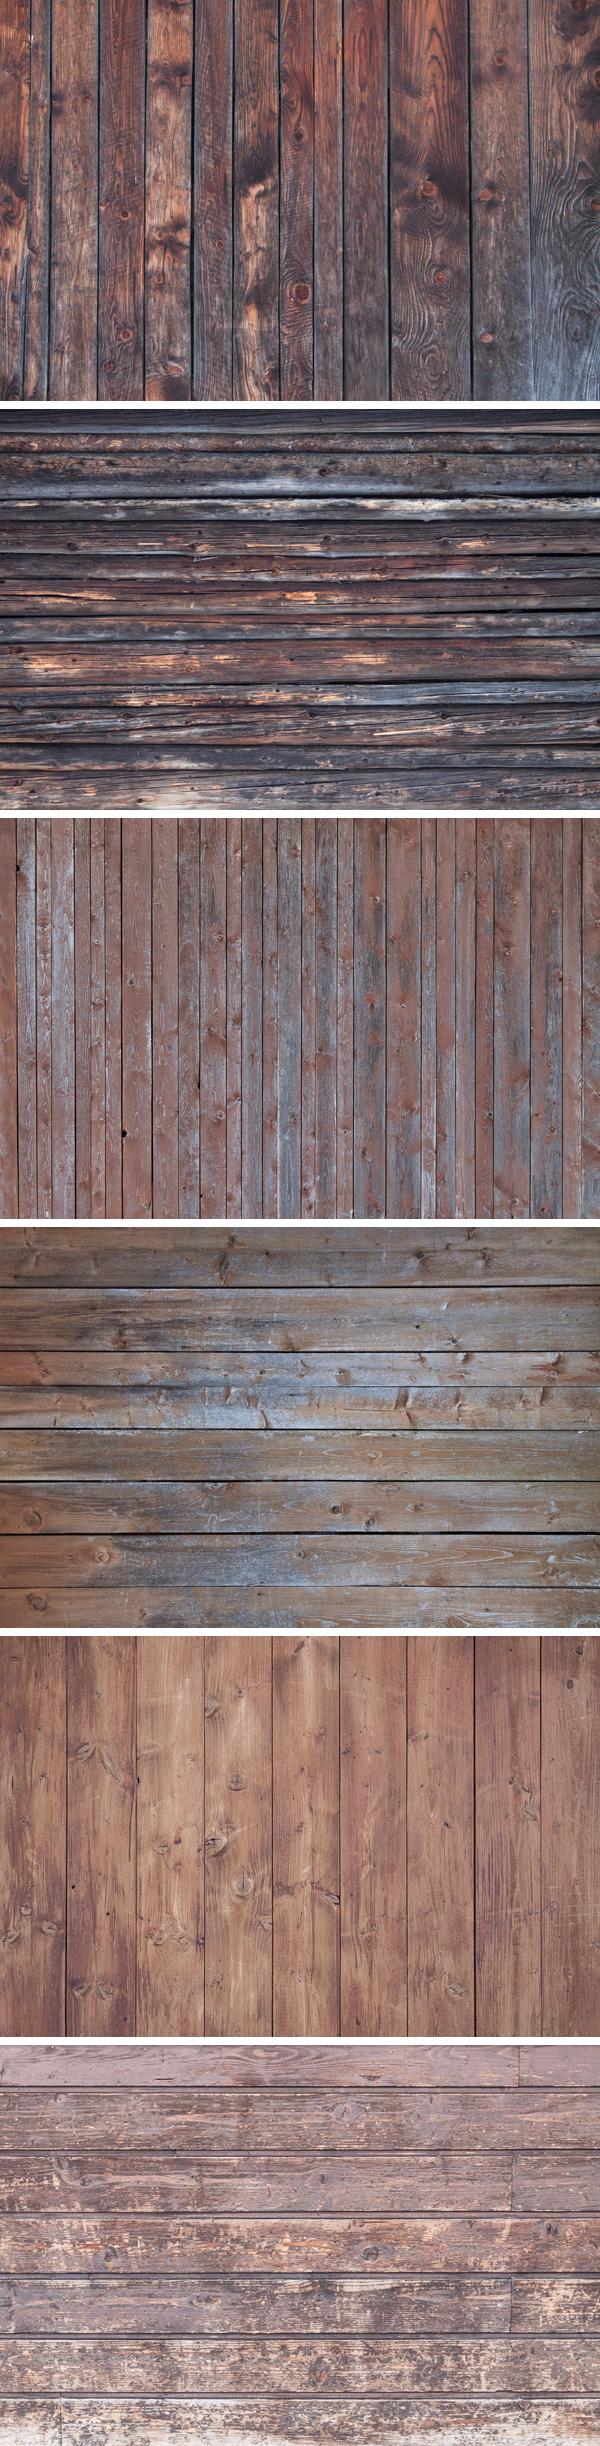 Free 6 Vintage Wood Textures Vol.4